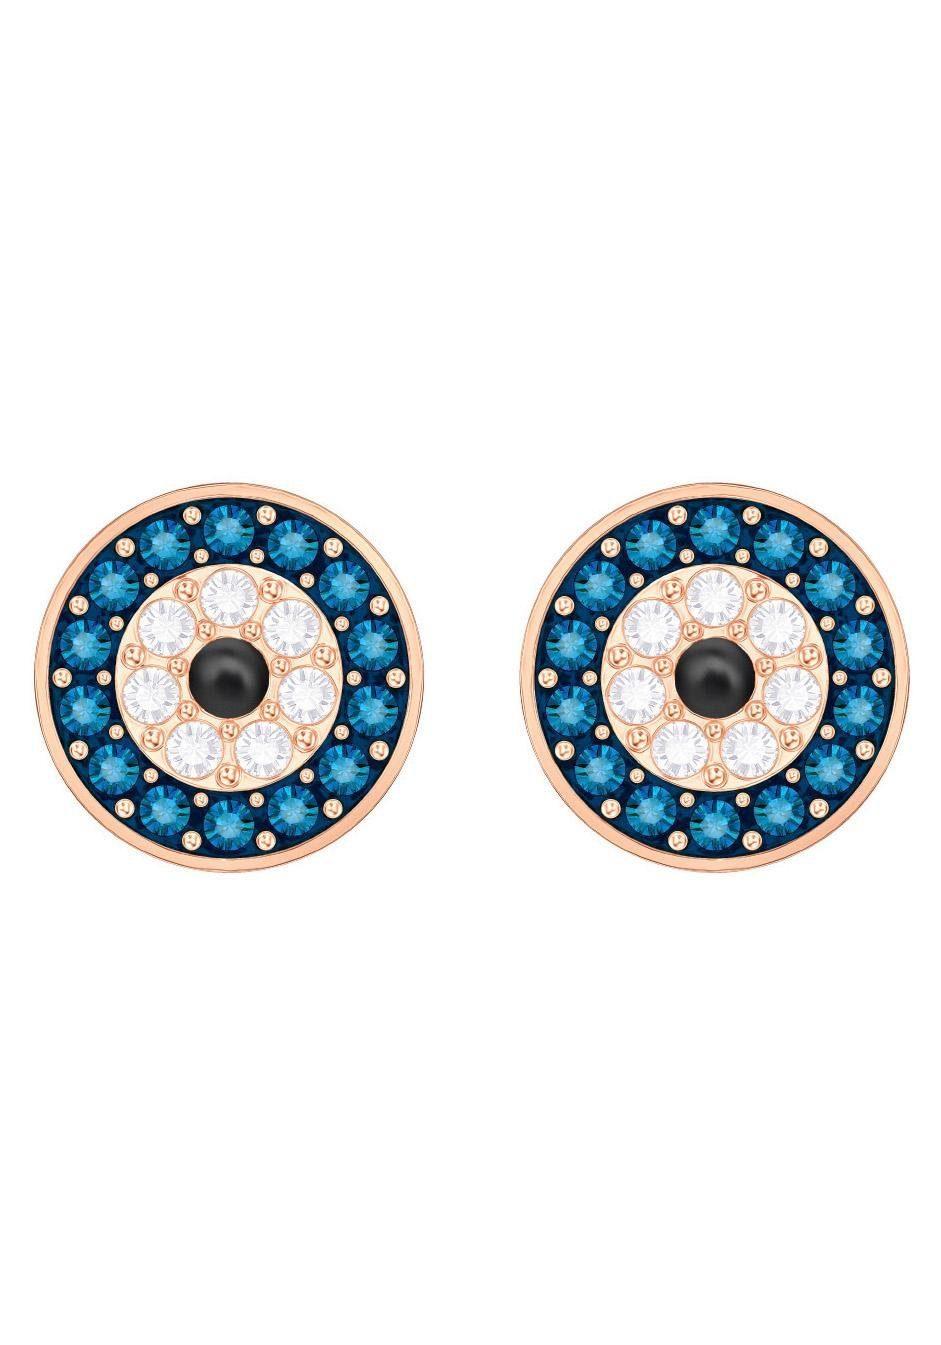 Swarovski Paar Ohrstecker »Duo Evil Eye, mehrfarbig, rosé Vergoldung, 5377720« mit Swarovski® Kristallen